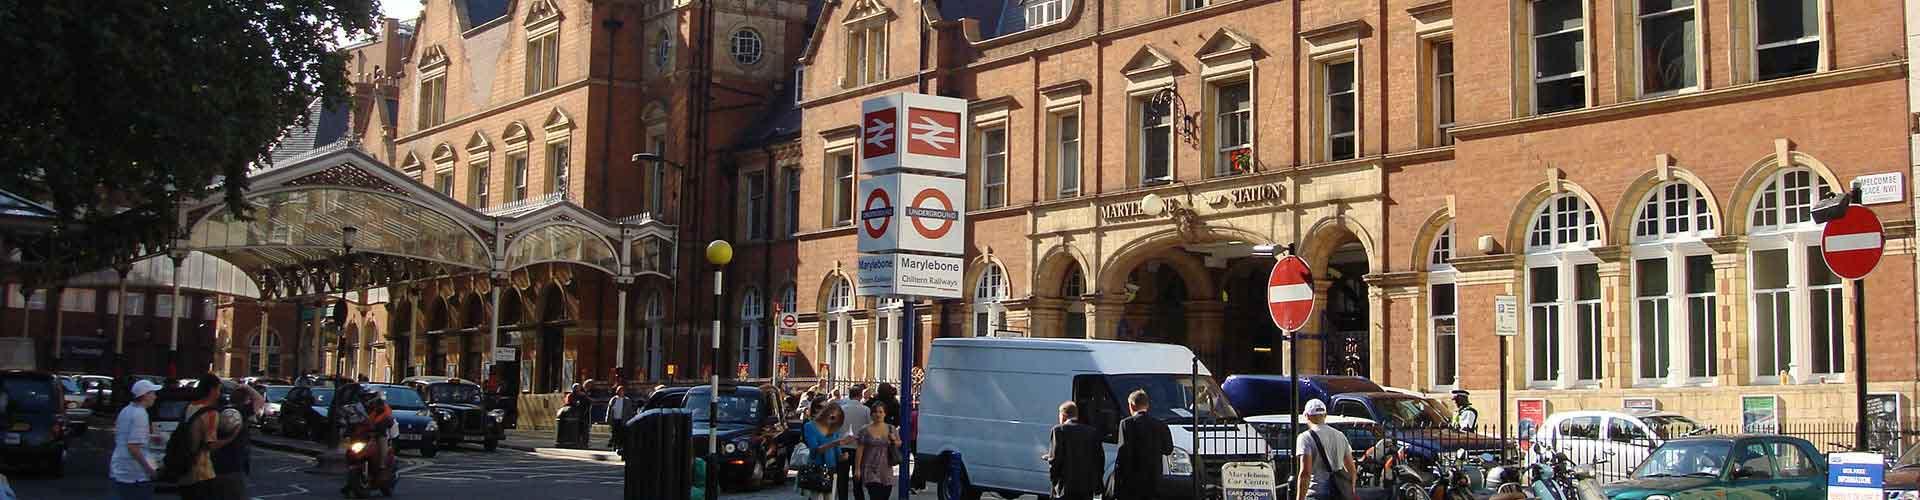 Londres - Auberges de jeunesse et Chambres pas chères dans le quartier de Marylebone. Cartes de Londres, photos et commentaires pour chaque Auberge de jeunesse et Chambre pas chère à Londres.